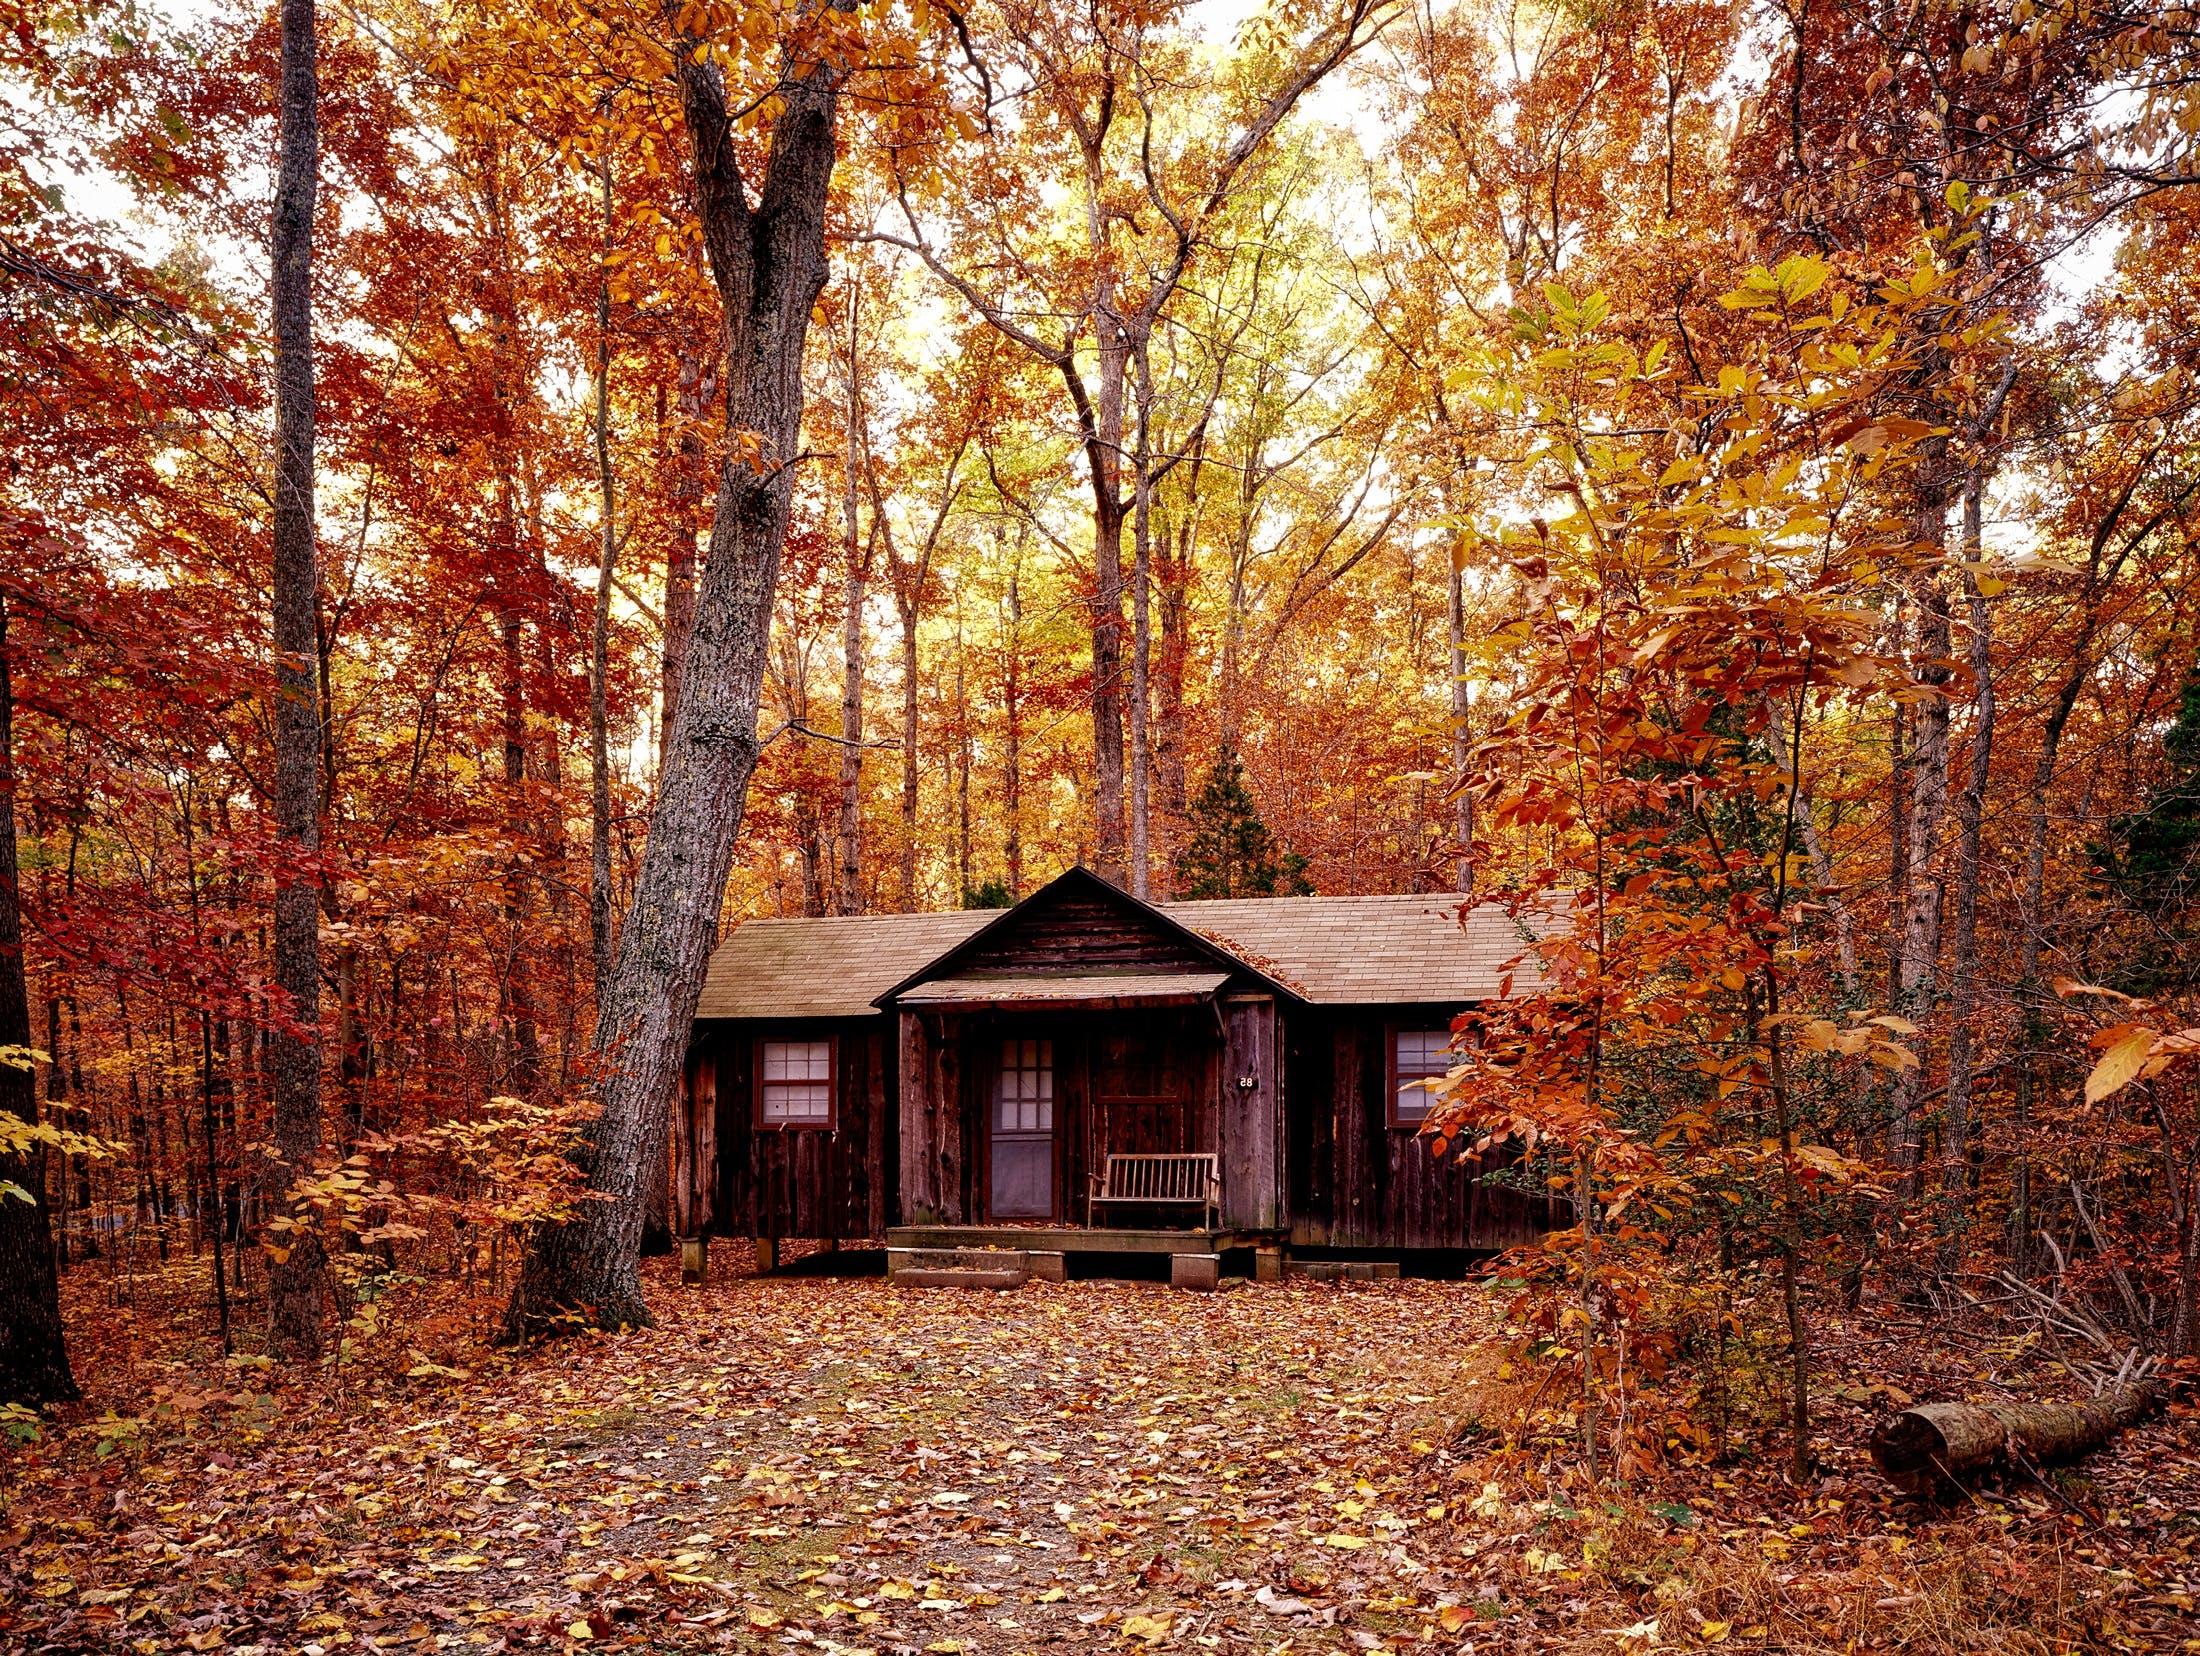 Kostenloses Stock Foto zu licht, landschaft, wald, bäume